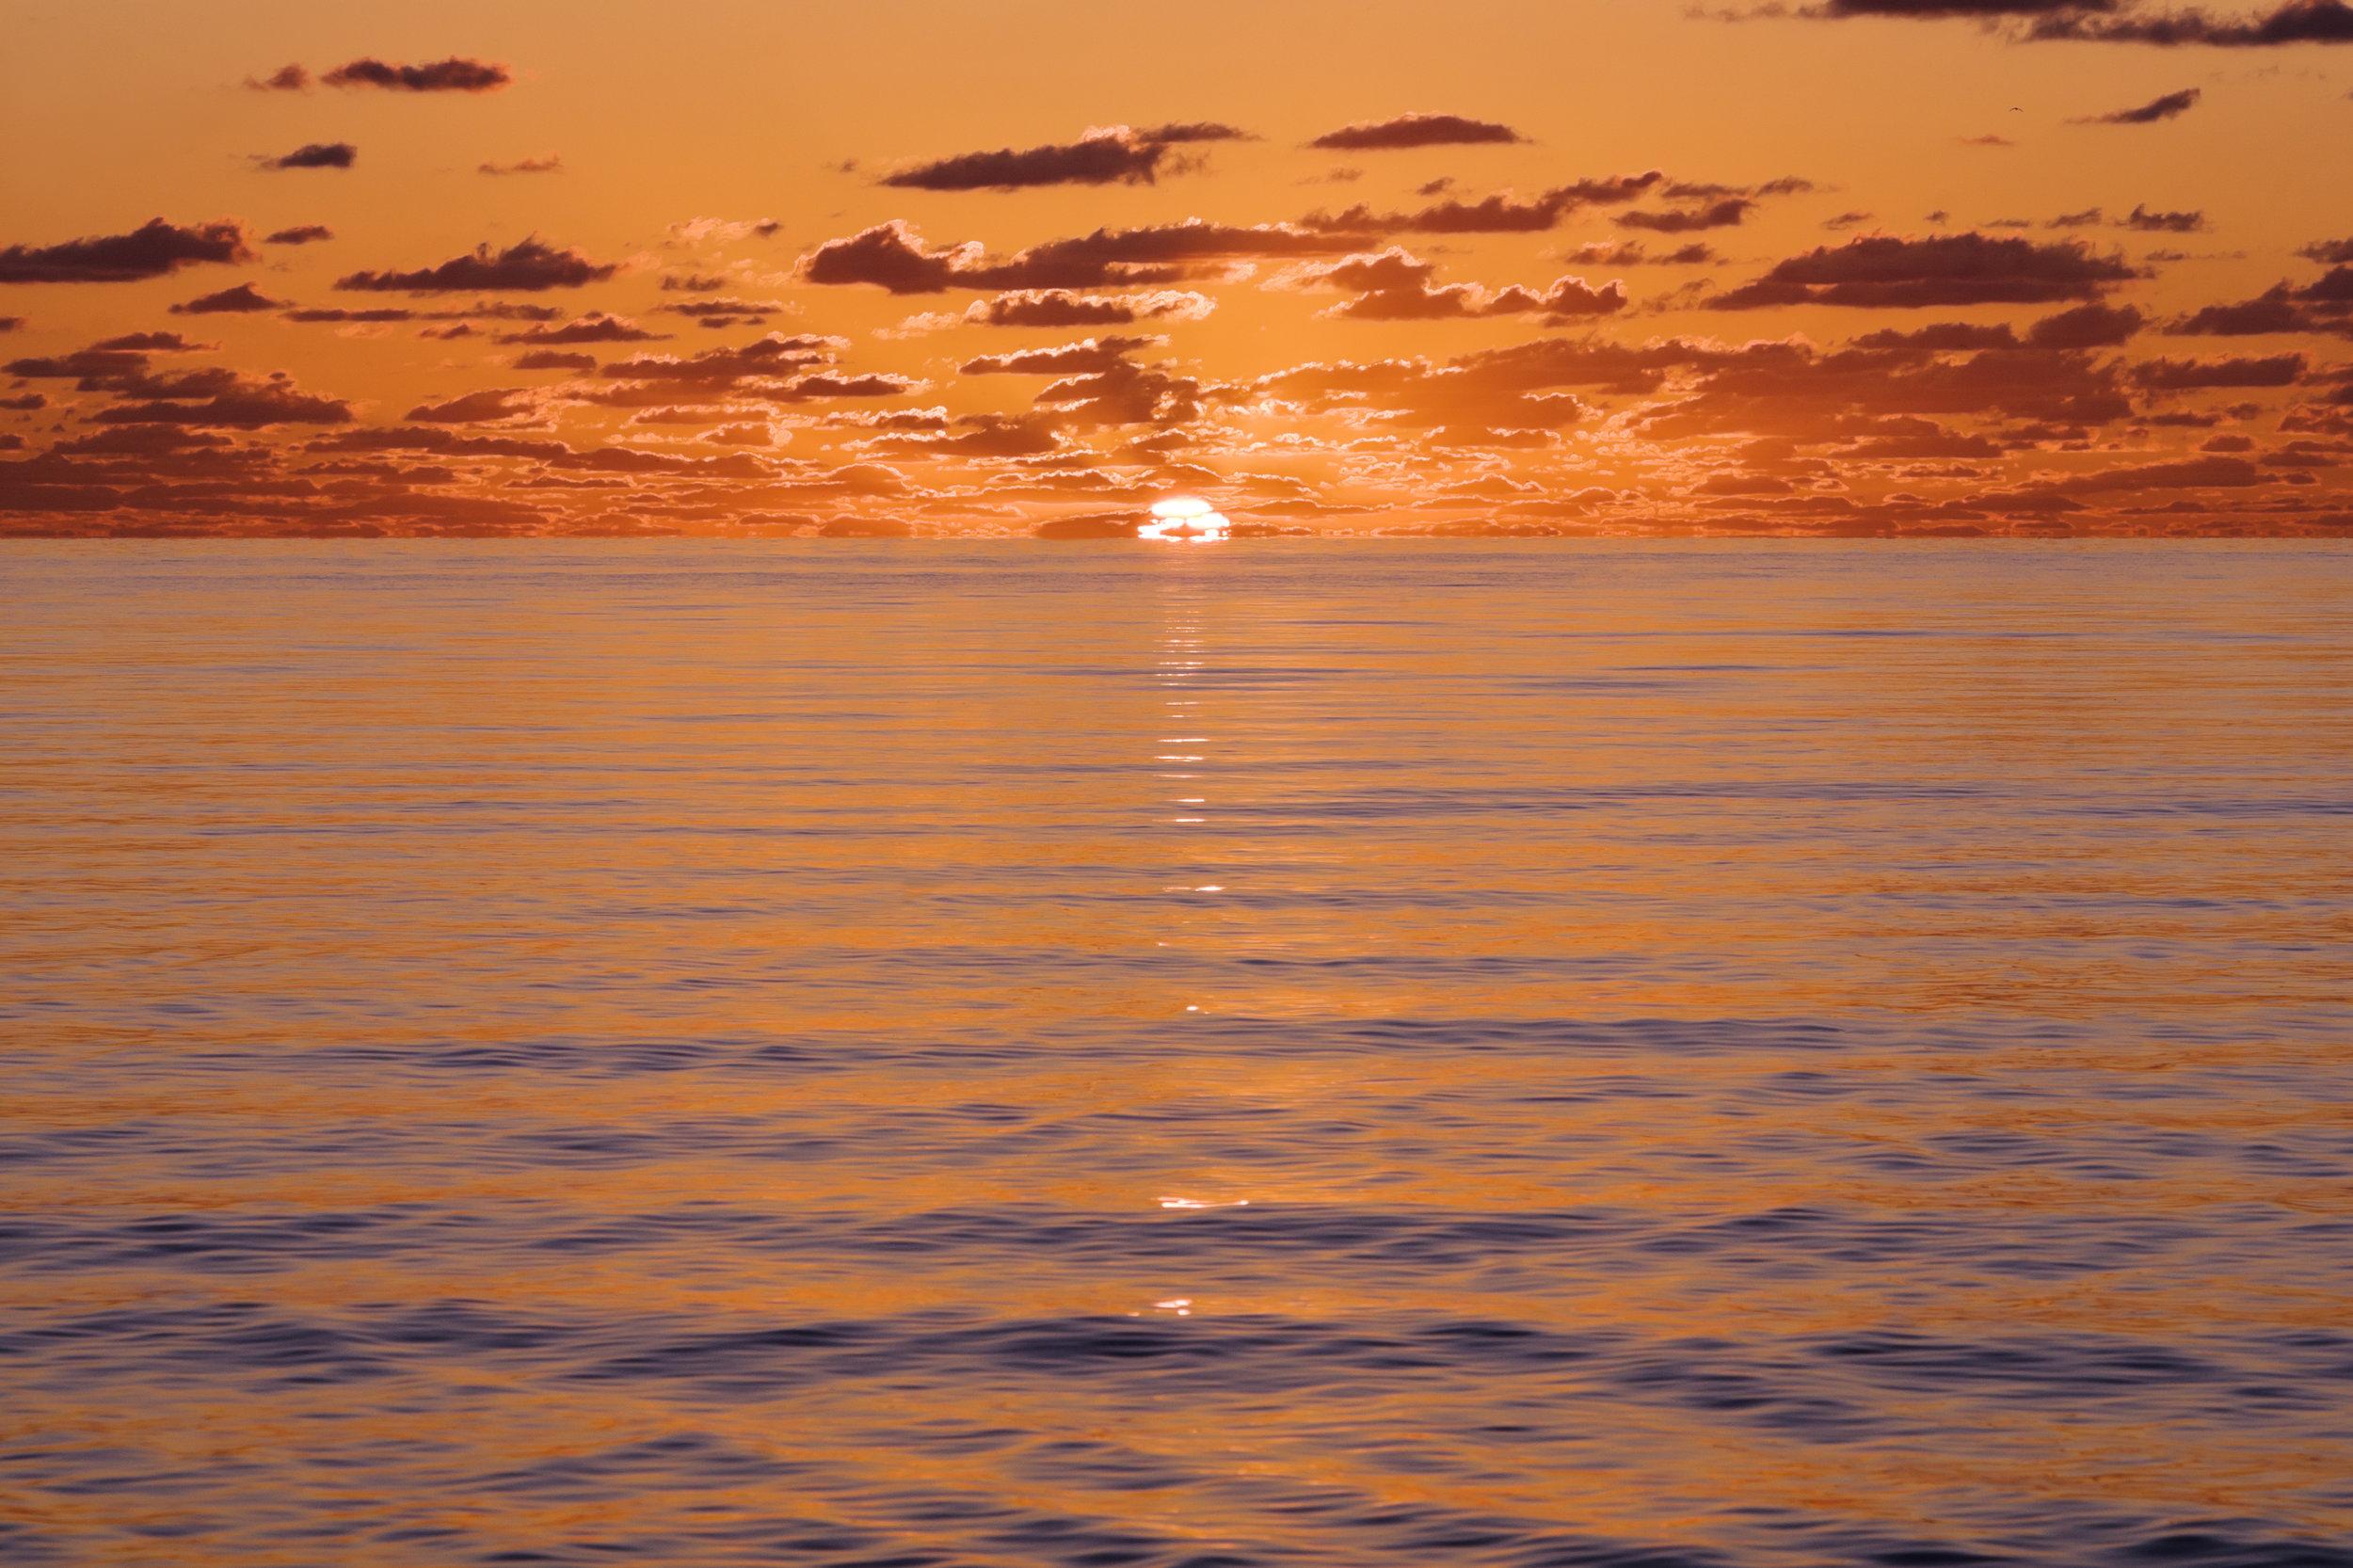 iStock-Bay Sunrise175196125.jpg